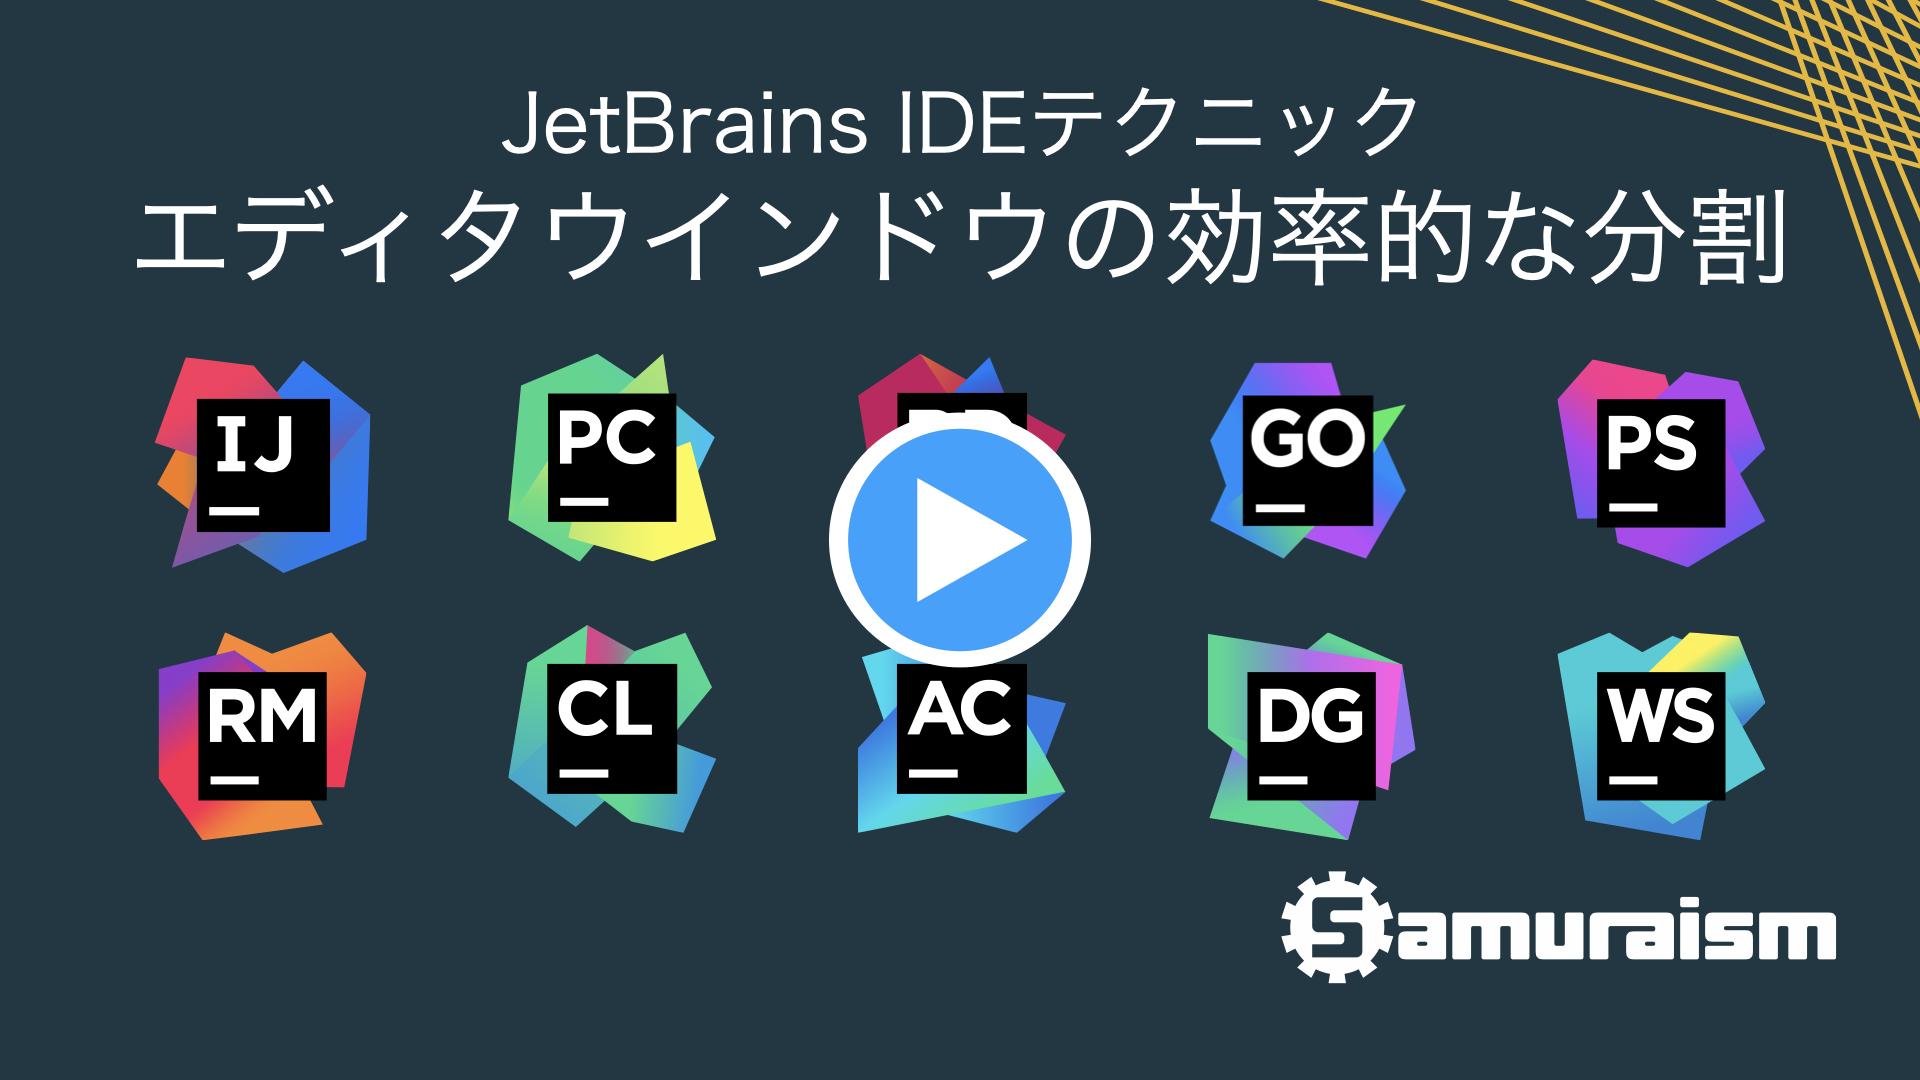 #JetBrainsIDEテクニック – エディタウインドウの効率的な分割 #jbtips